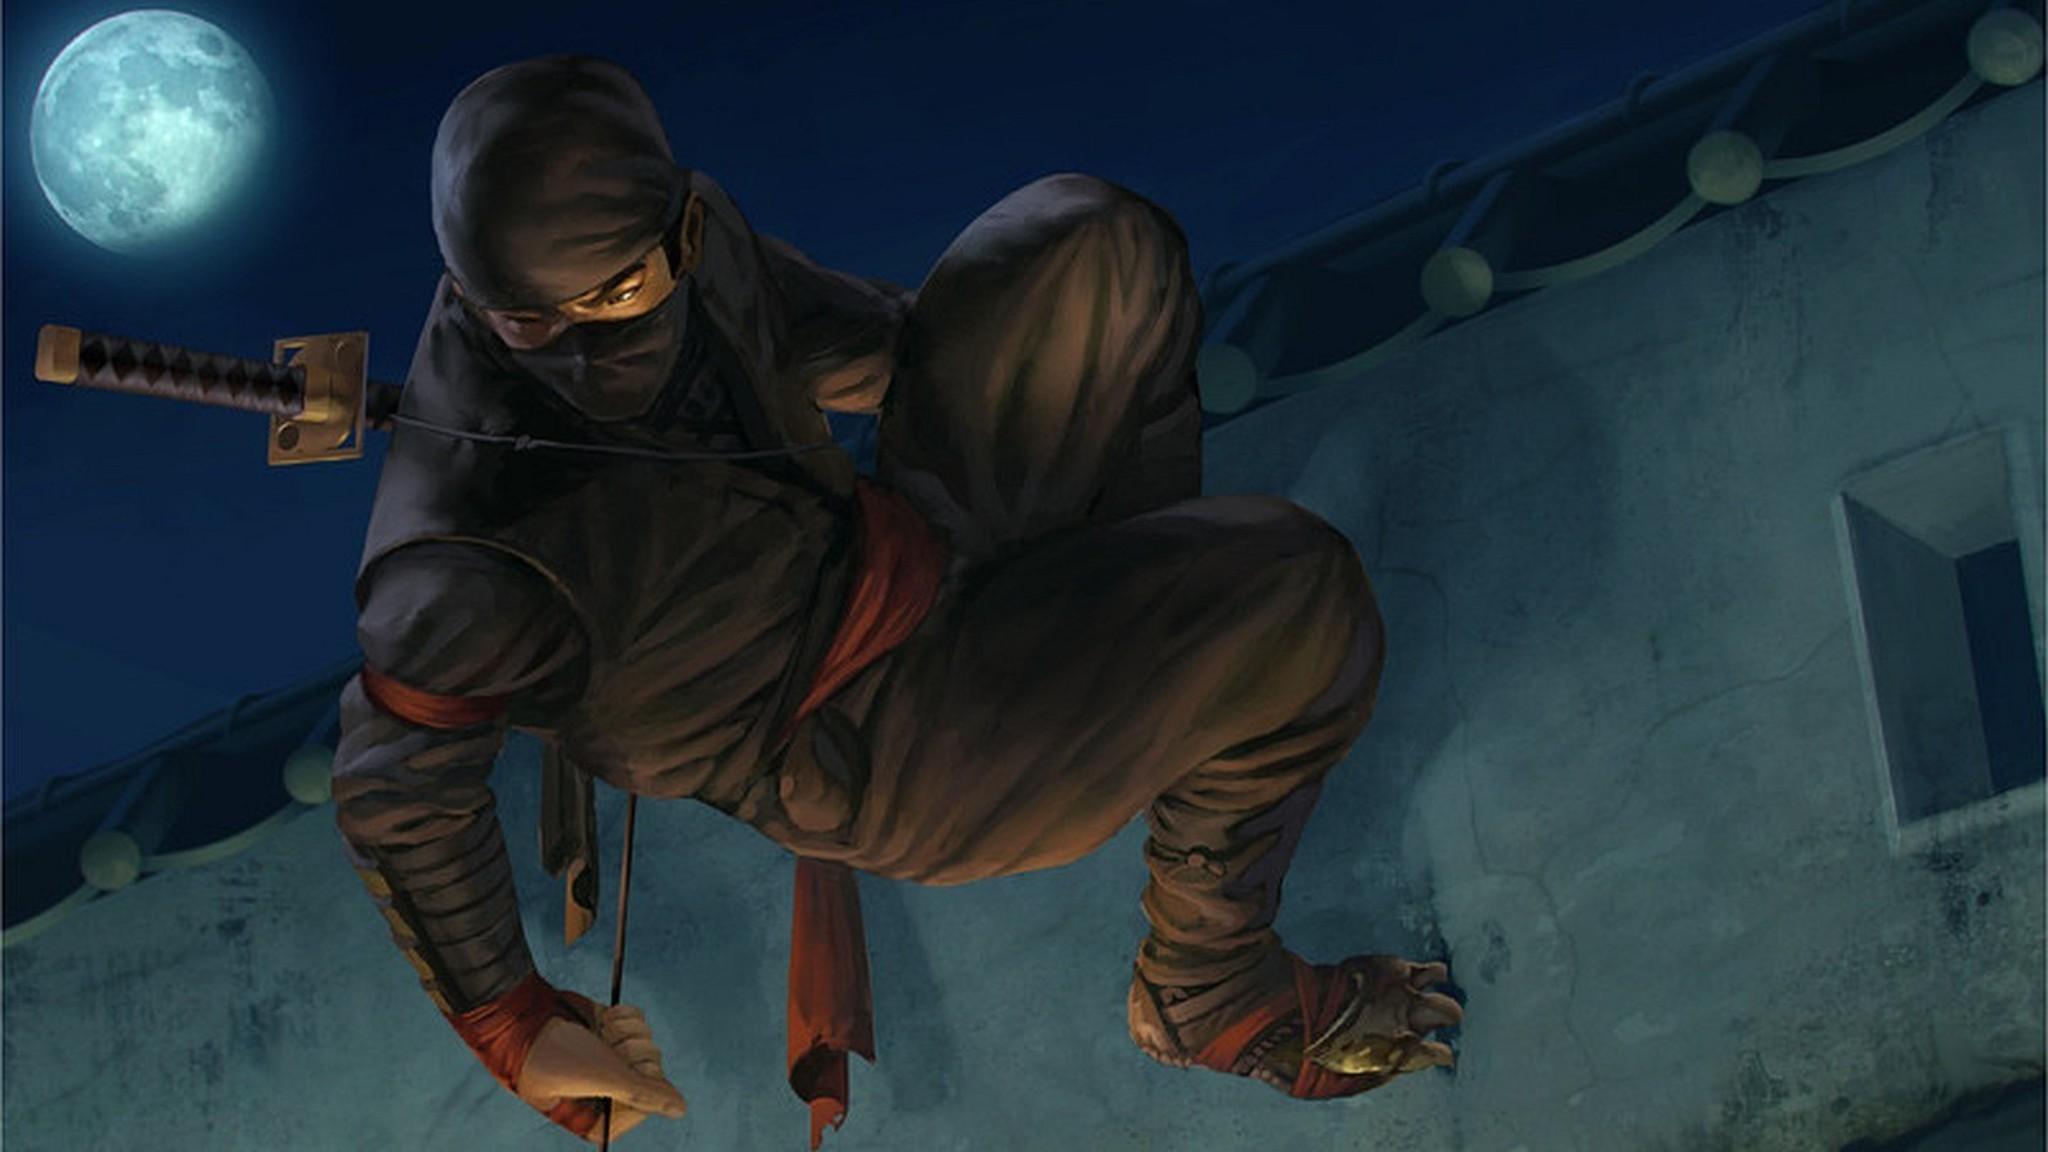 ninjas-fantasy-art-2048x1152-wallpaper